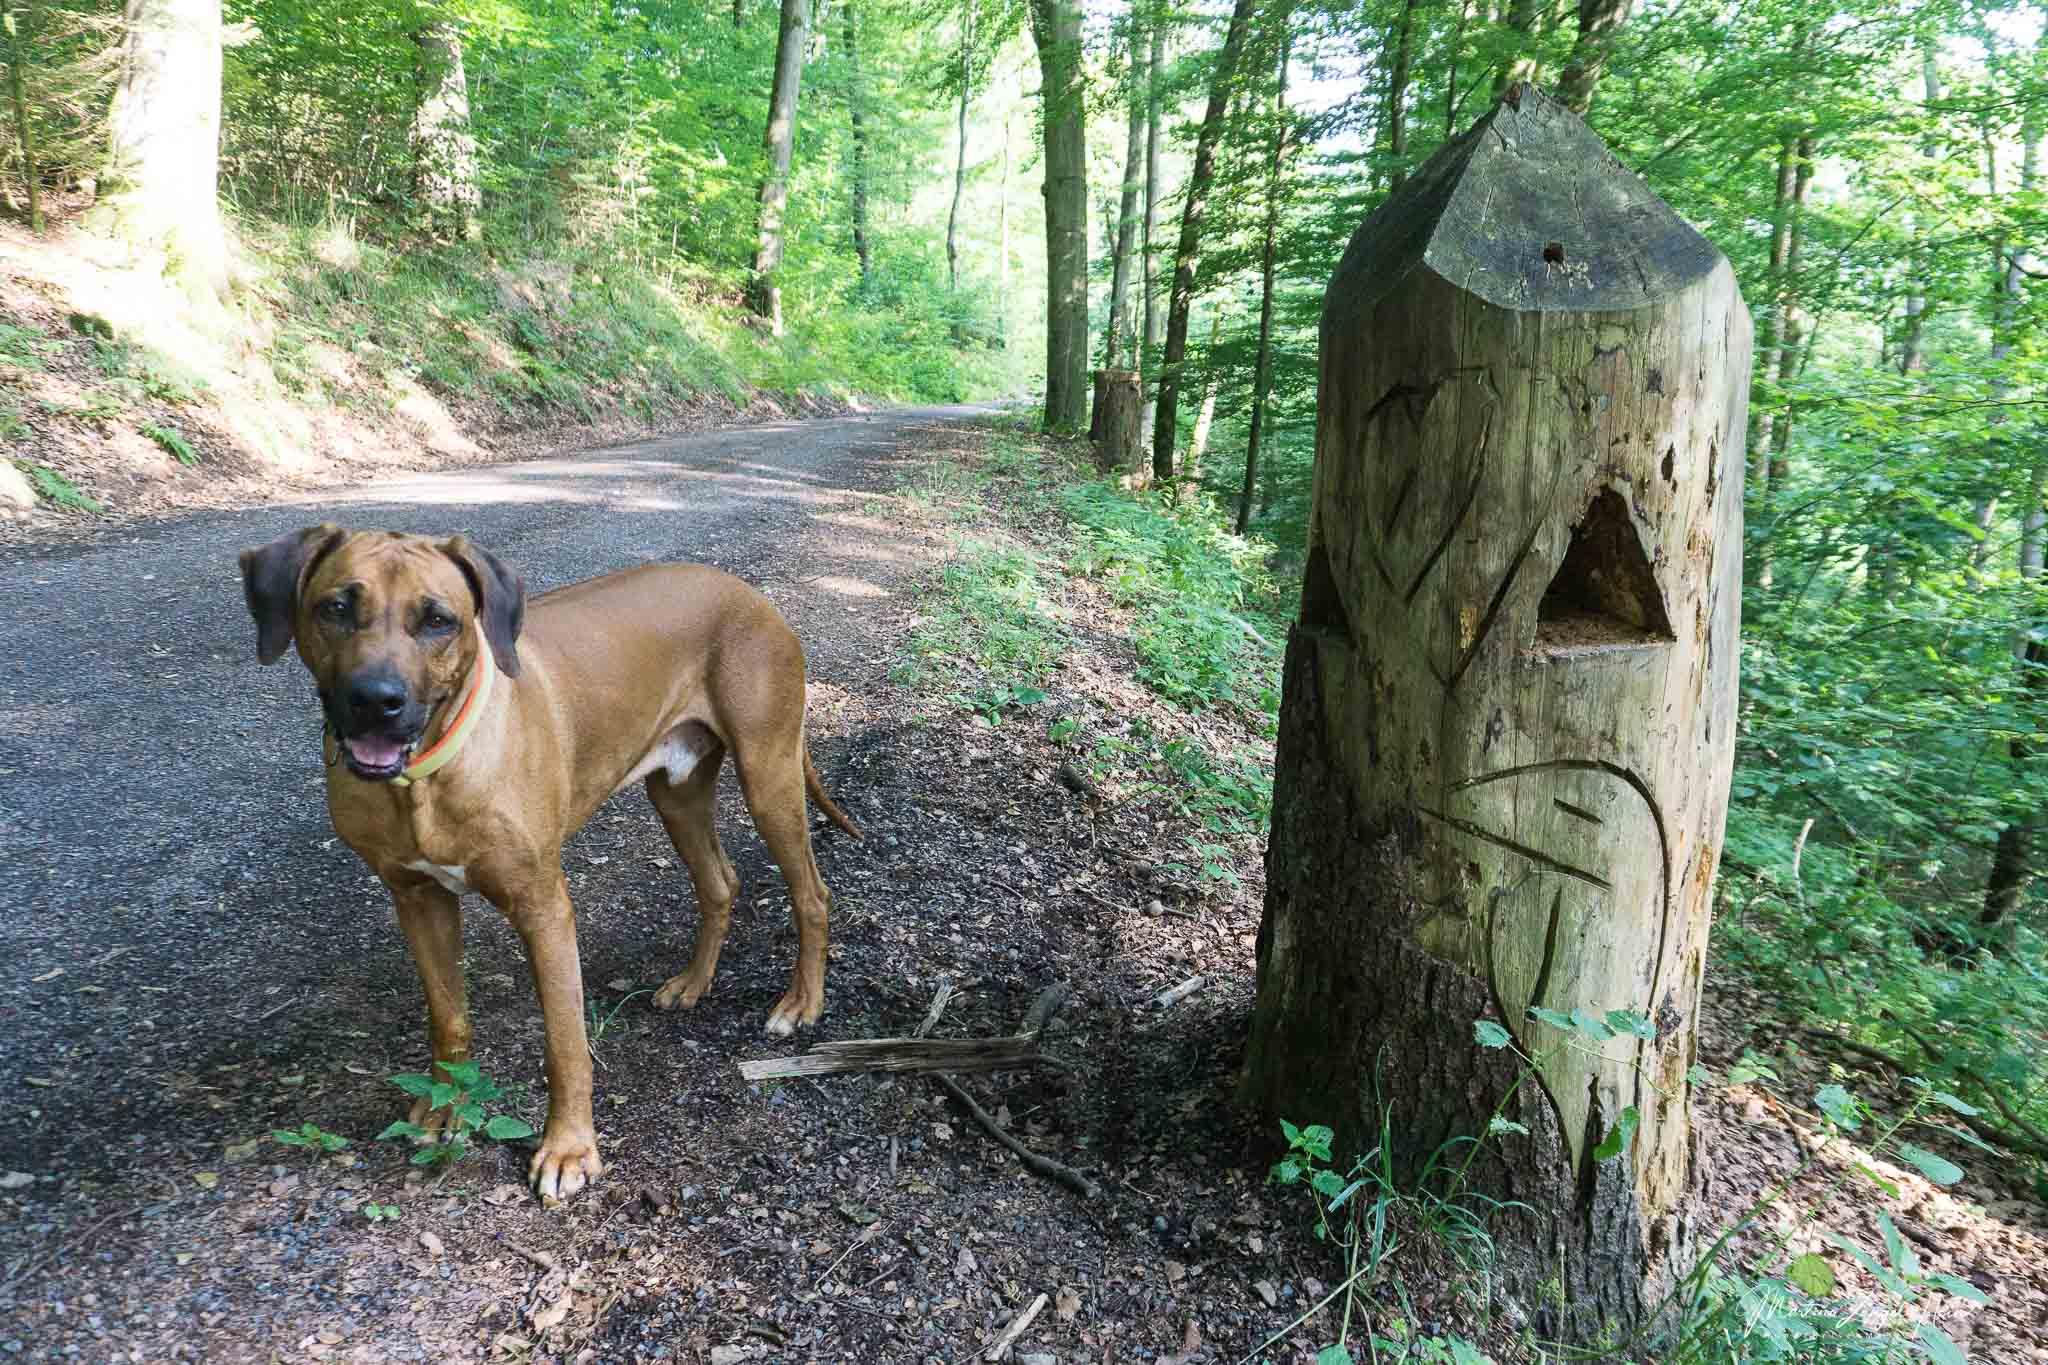 Kurz vor dem Kloster verläuft der WesterwaldSteig auf einem gut ausgebauten Wirtschaftsweg